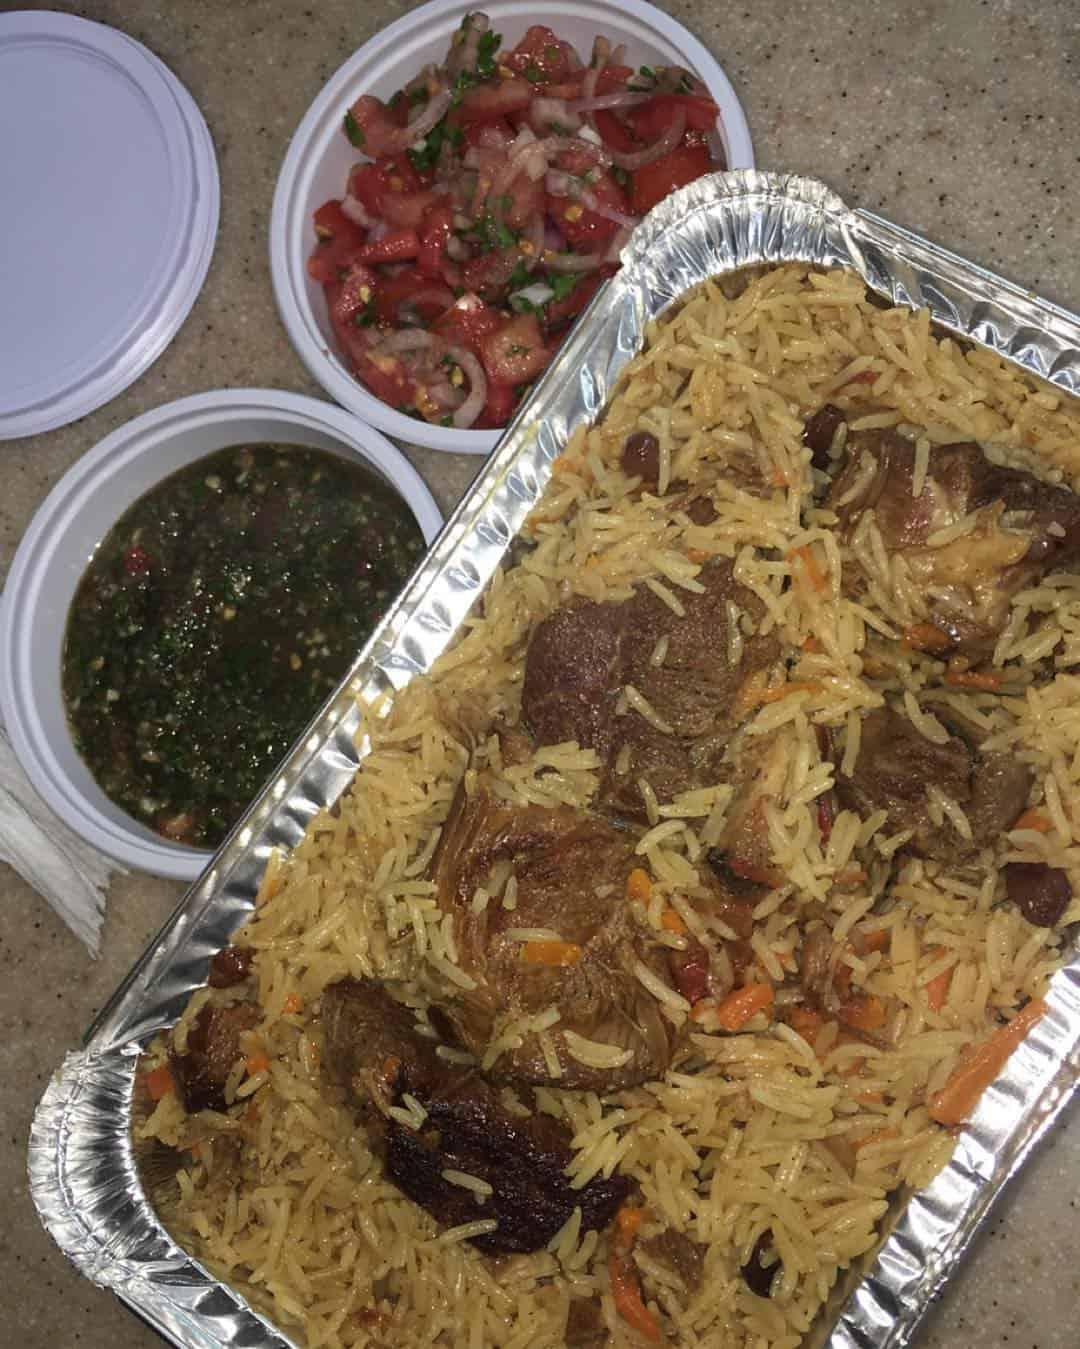 مطعم بخاري Bukhari الجبيل الاسعار المنيو الموقع مطاعم و كافيهات الشرقية